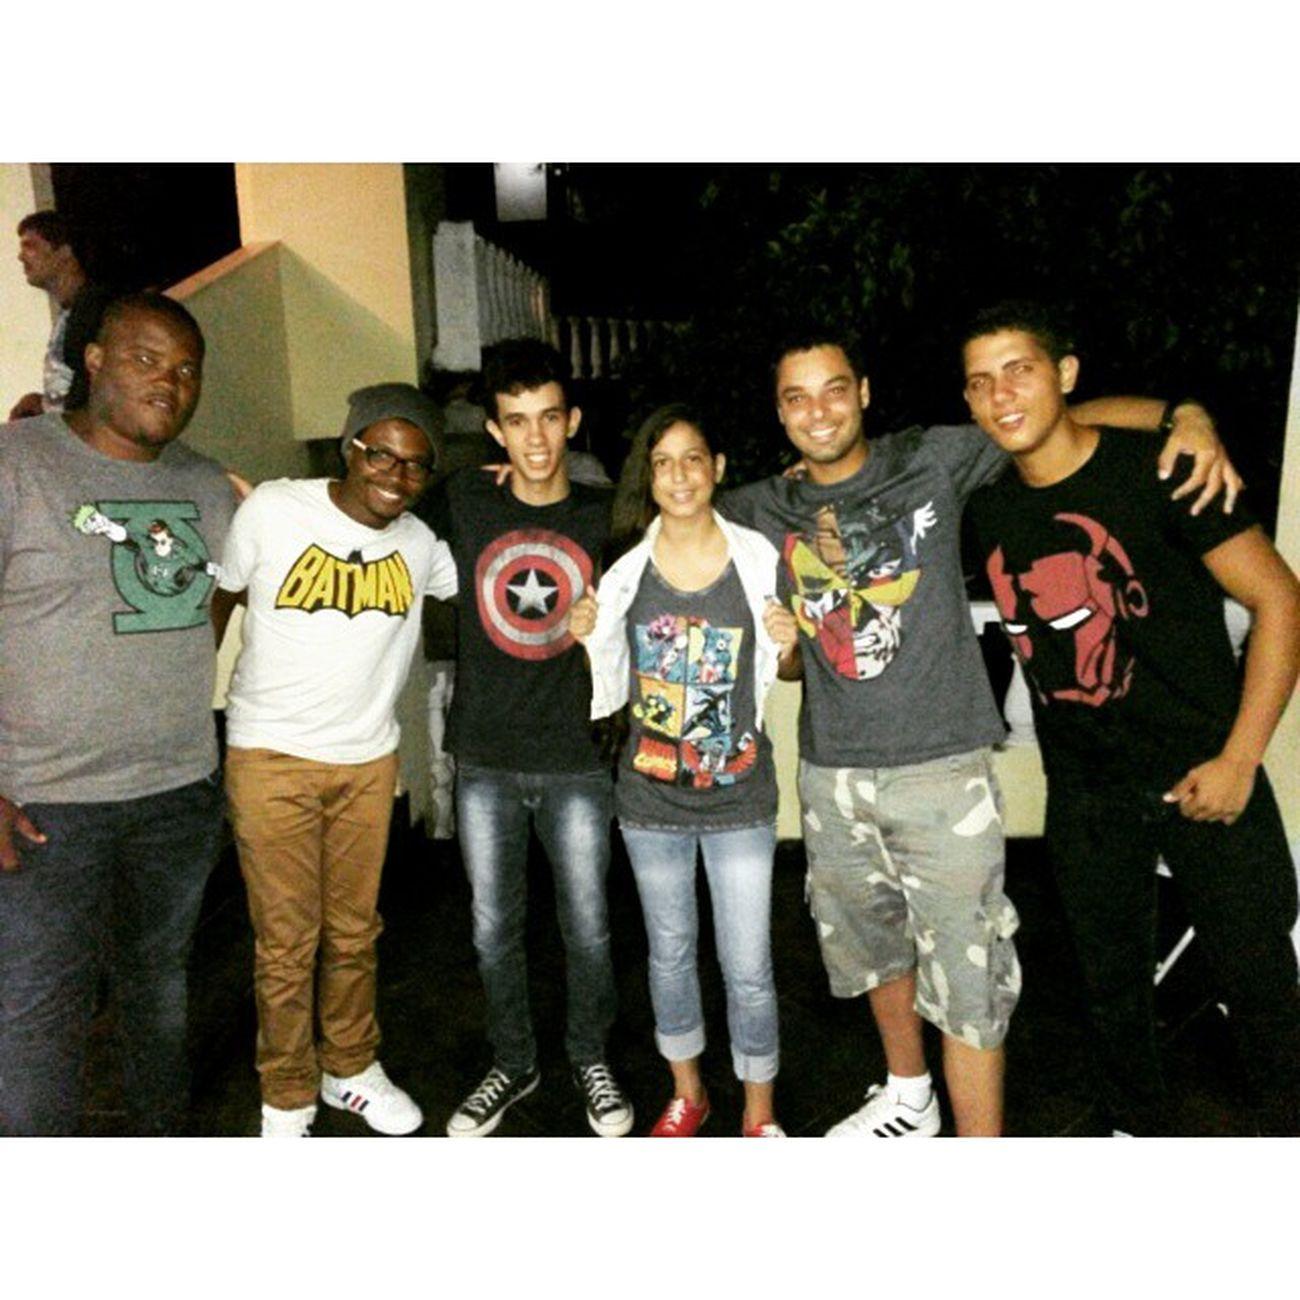 Vcs são marvets, mas são meus amigos. Marvel DC Comics Amigos Friends Photododia Retiro2015 Fanboys Happy Instangood Geeks